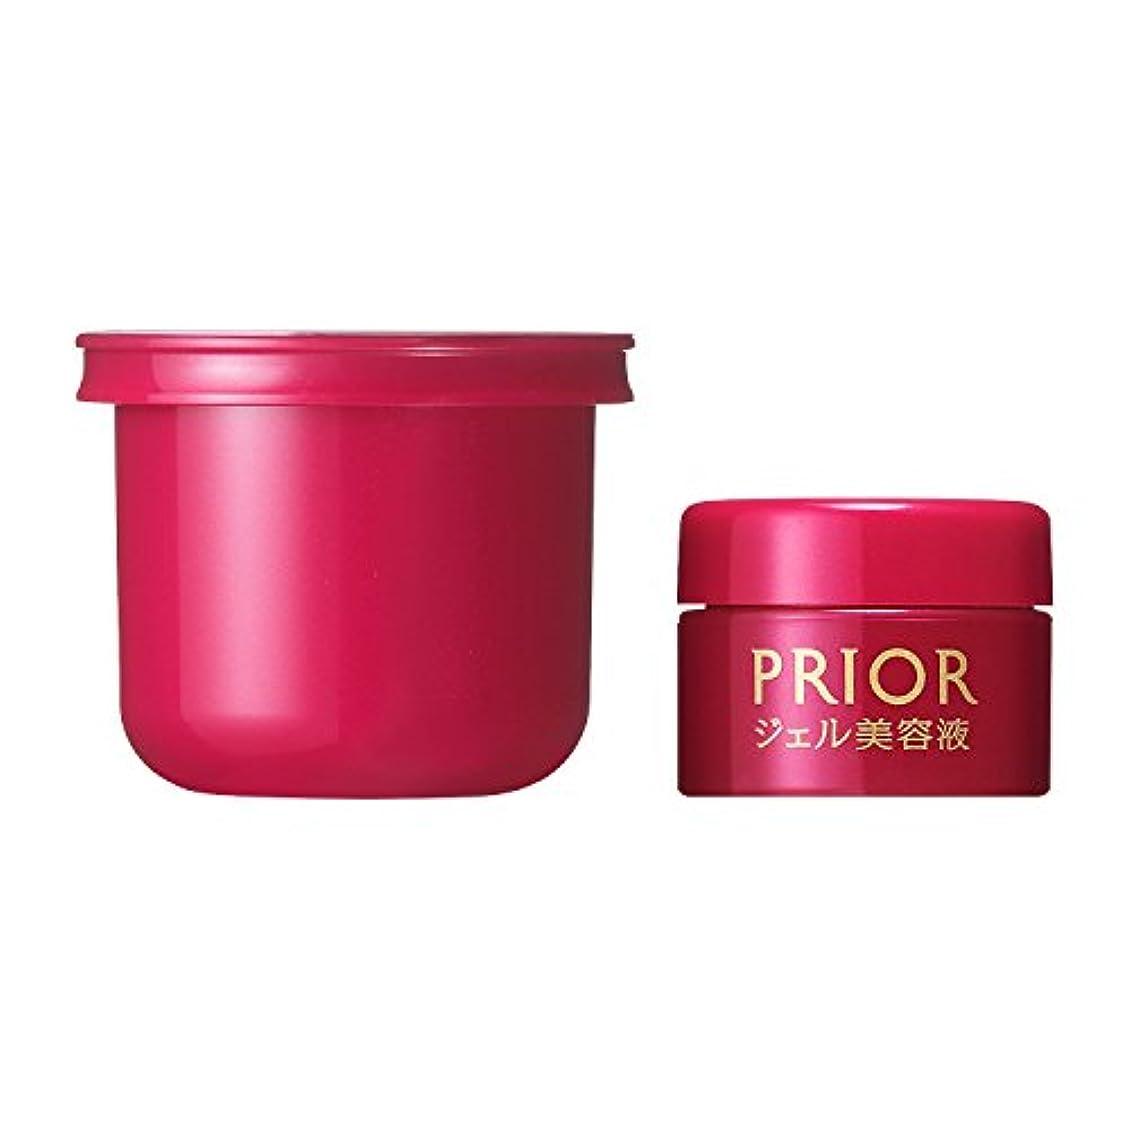 誘惑する乳剤パフプリオール ジェル美容液 つけかえ用 限定セット a ミニサイズ付き 48g + 7g